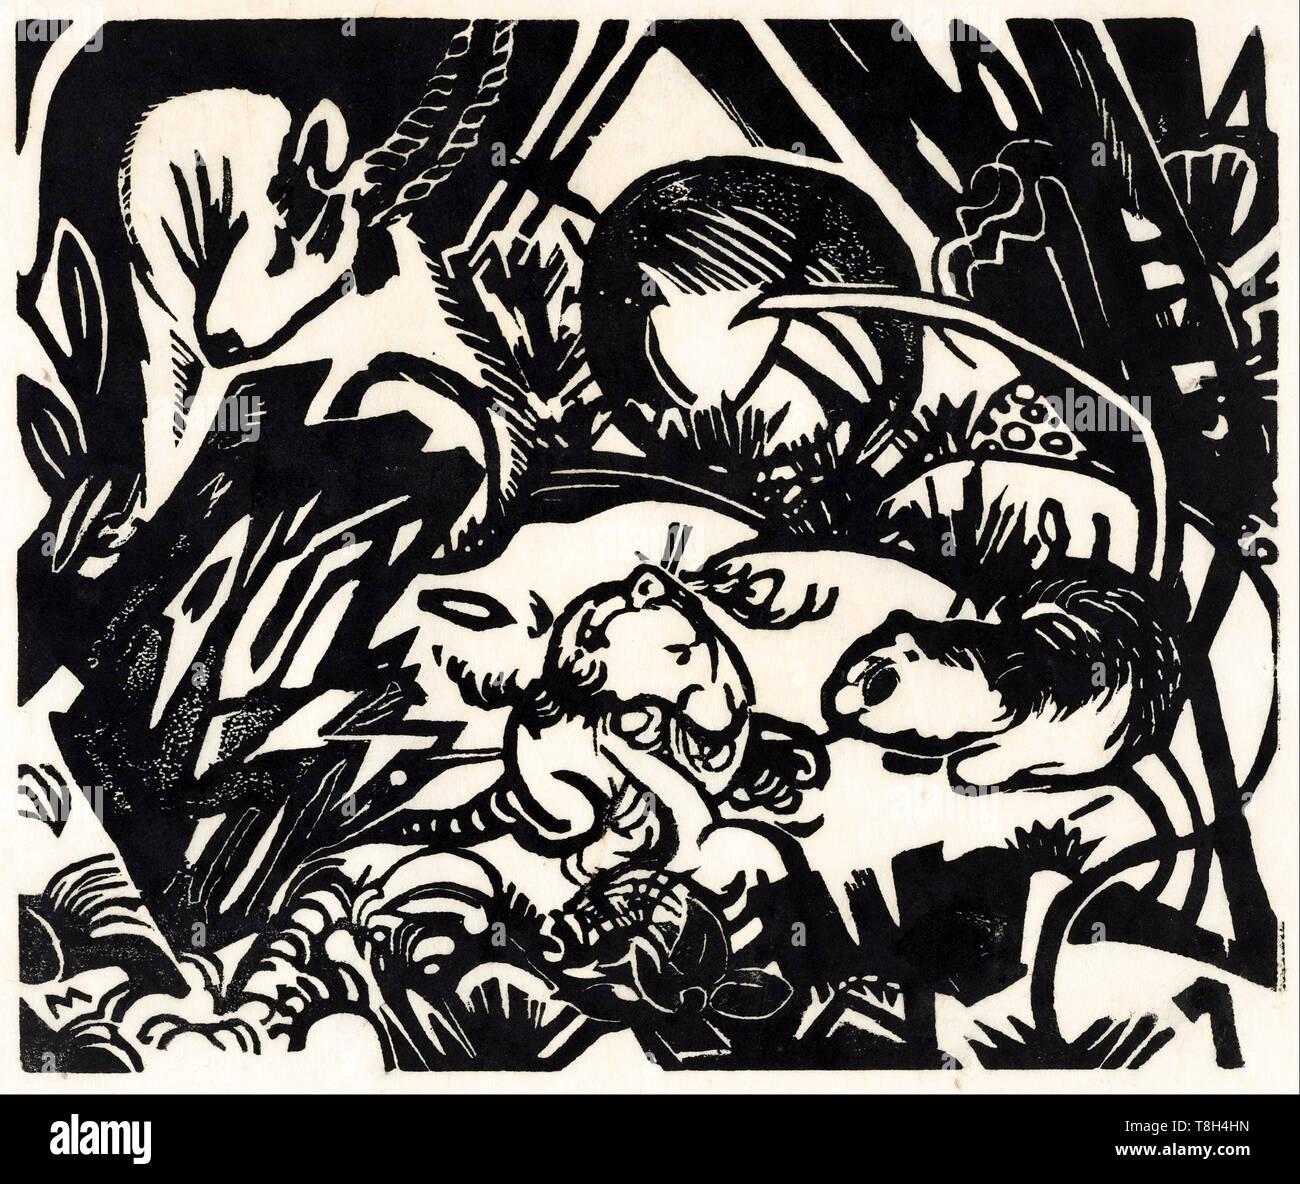 Franz Marc, Tier Legende, Holzschnitt, 1912 Stockbild